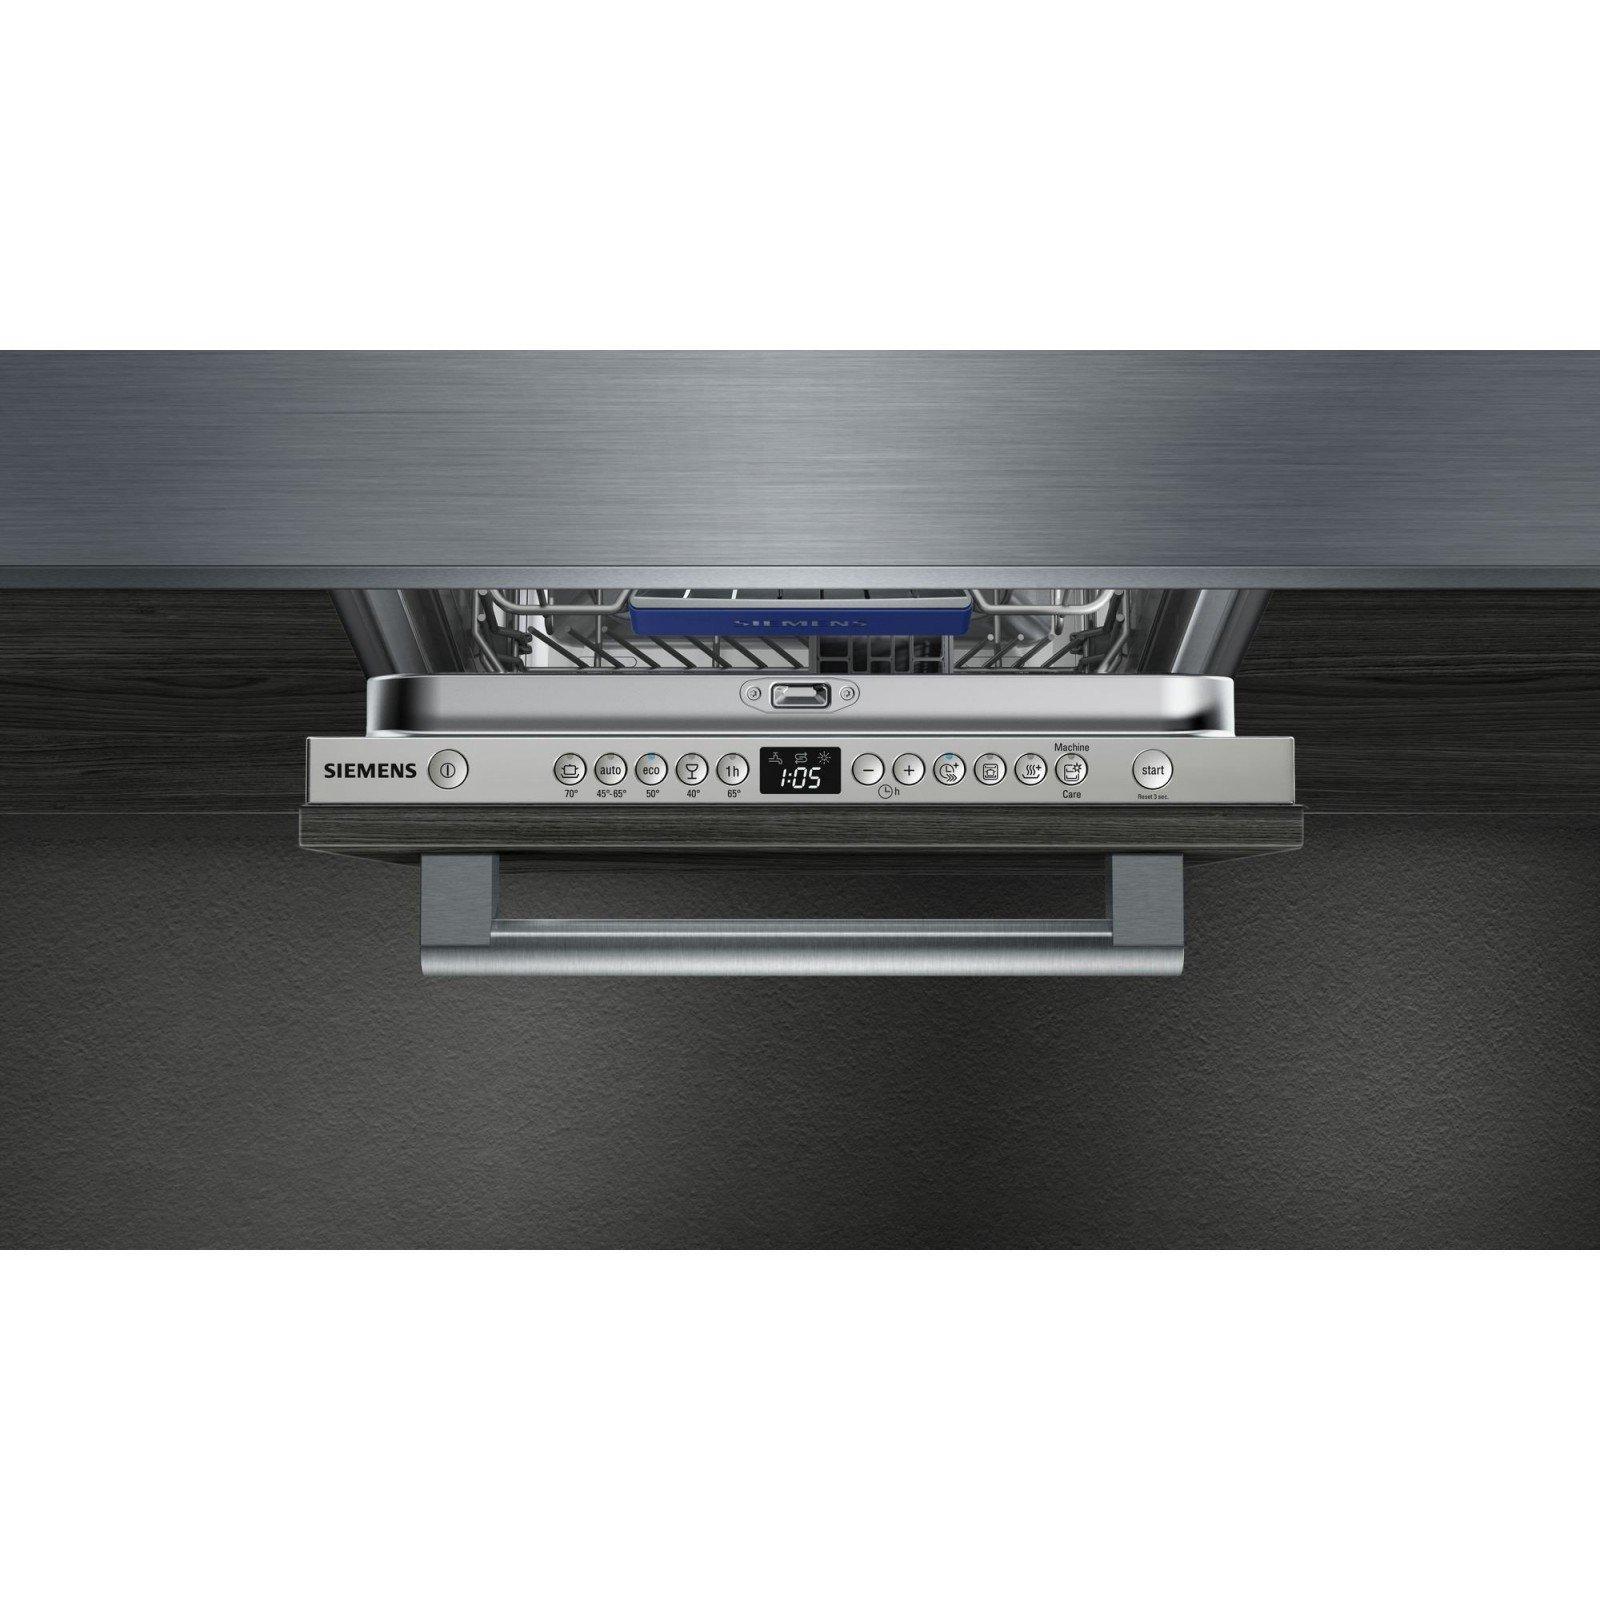 Посудомоечная машина Siemens SR 635 X01IE изображение 2